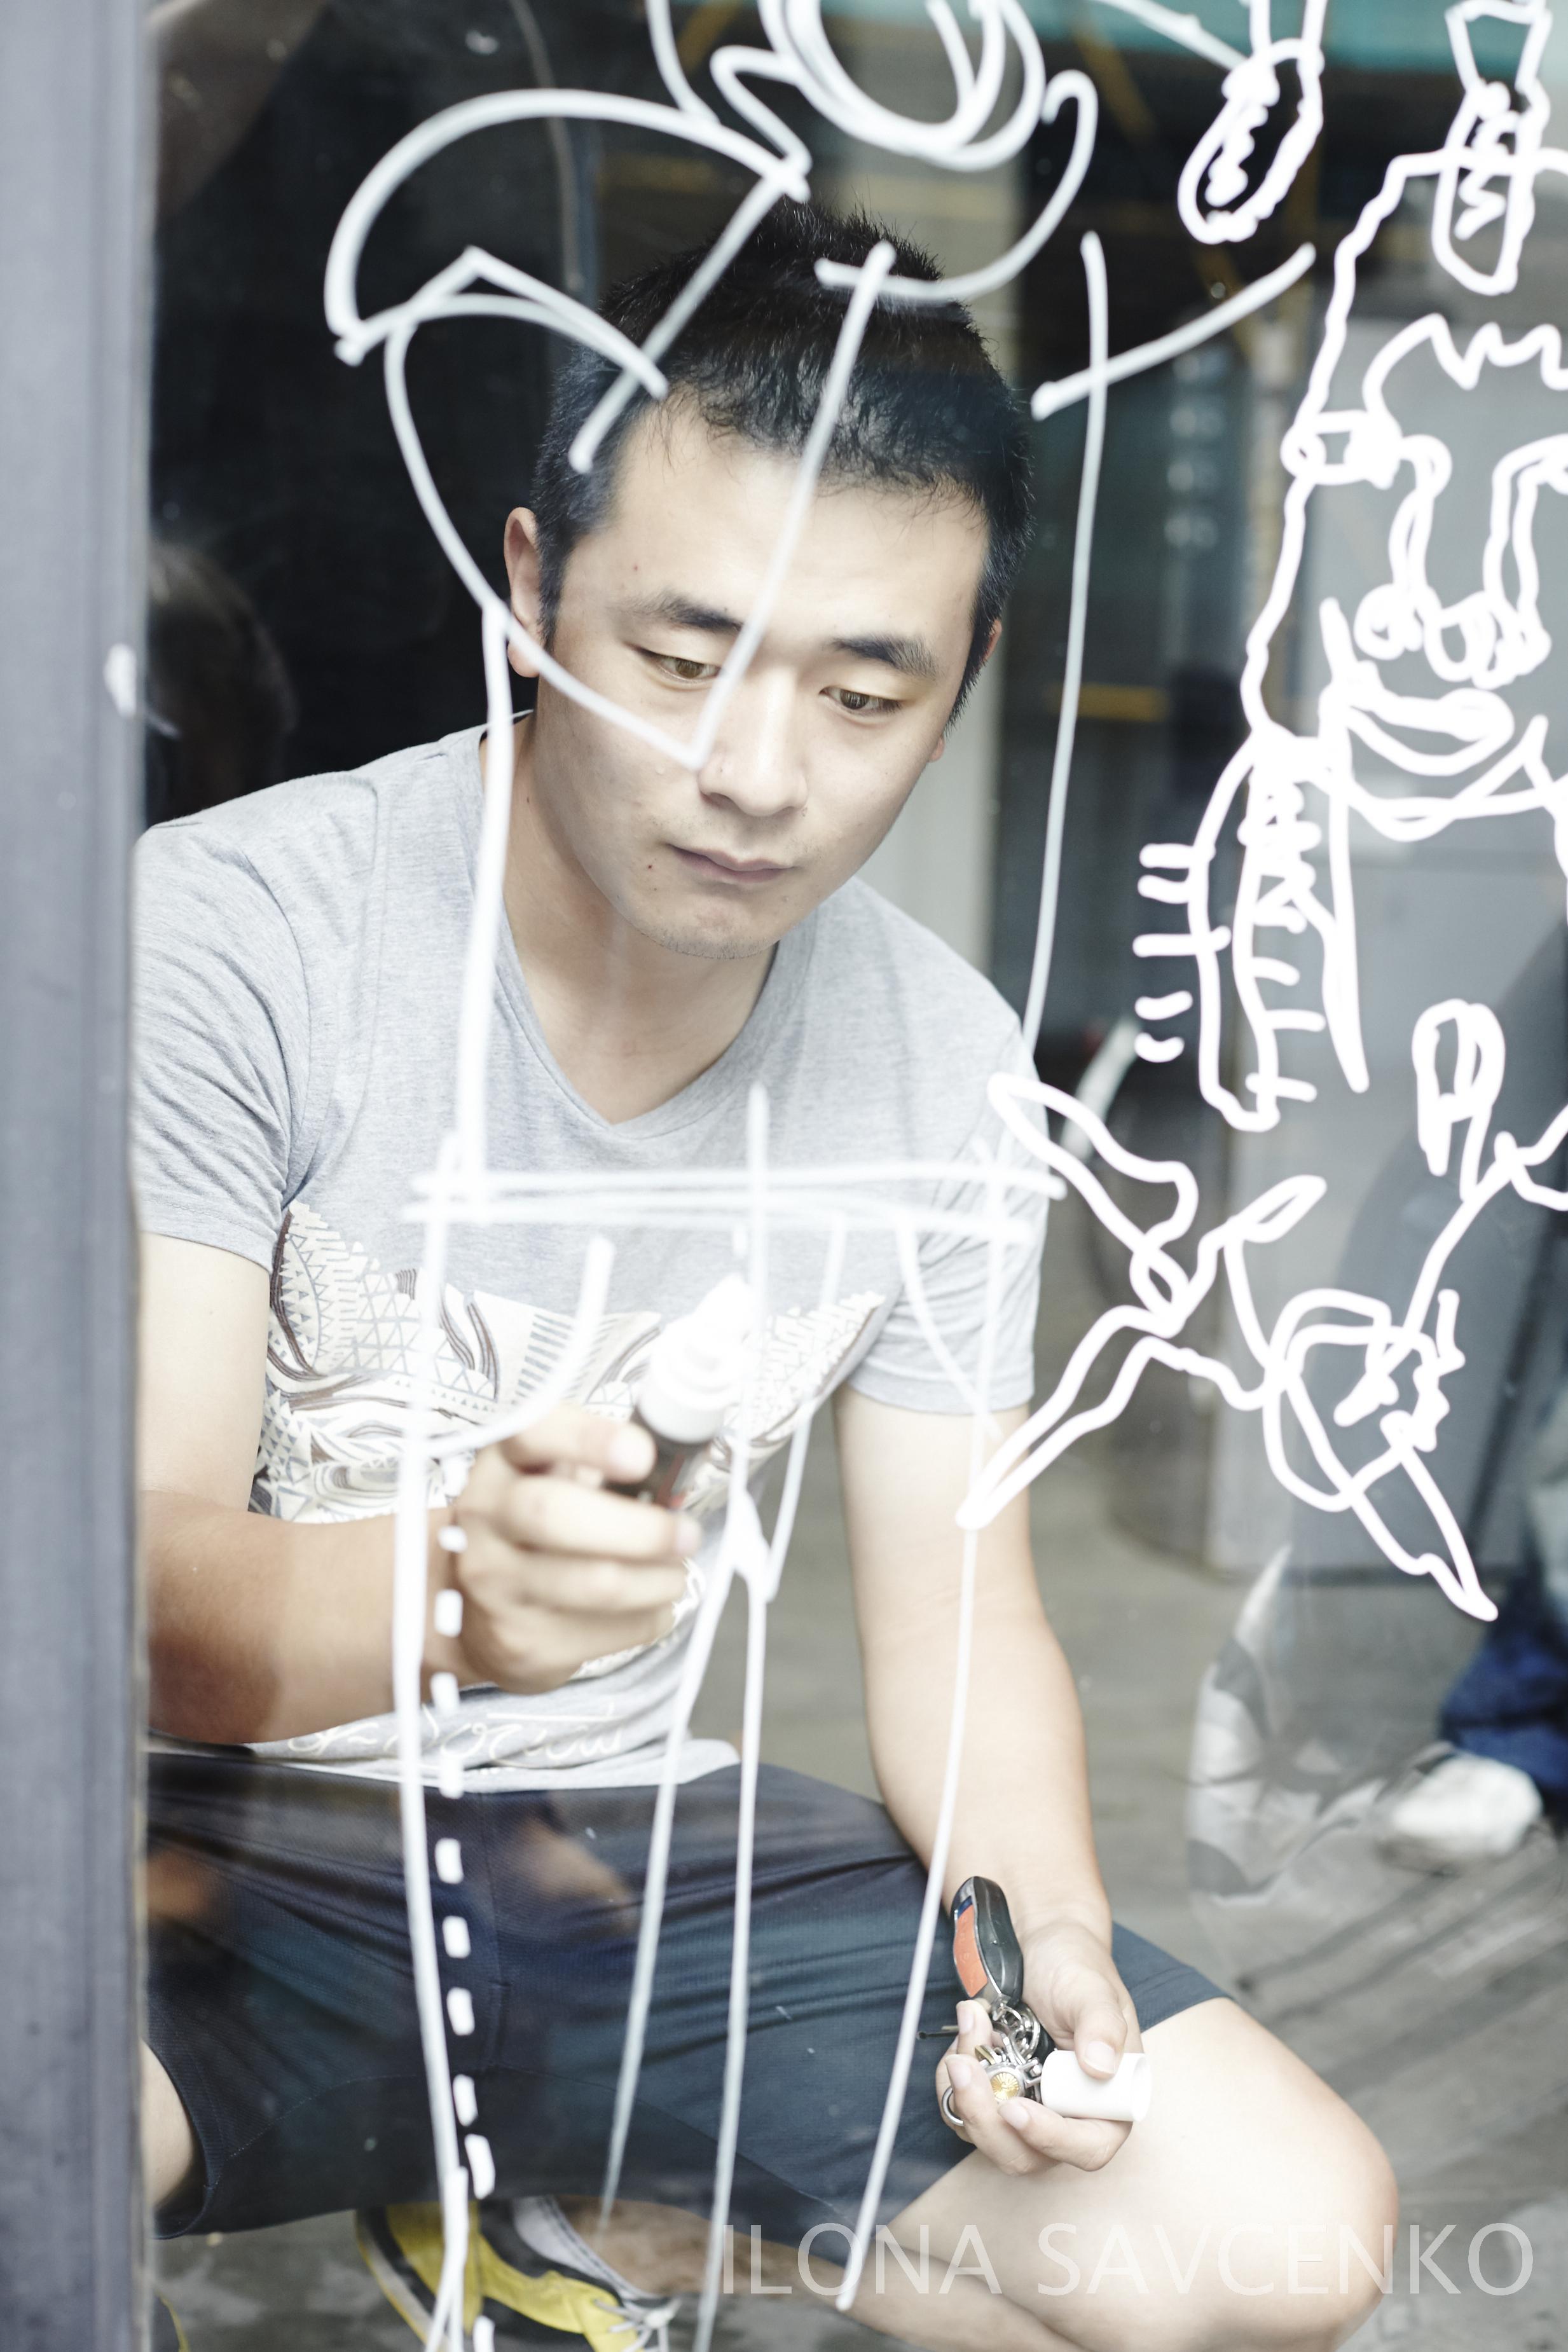 Shanghai workshop Aug. 2014